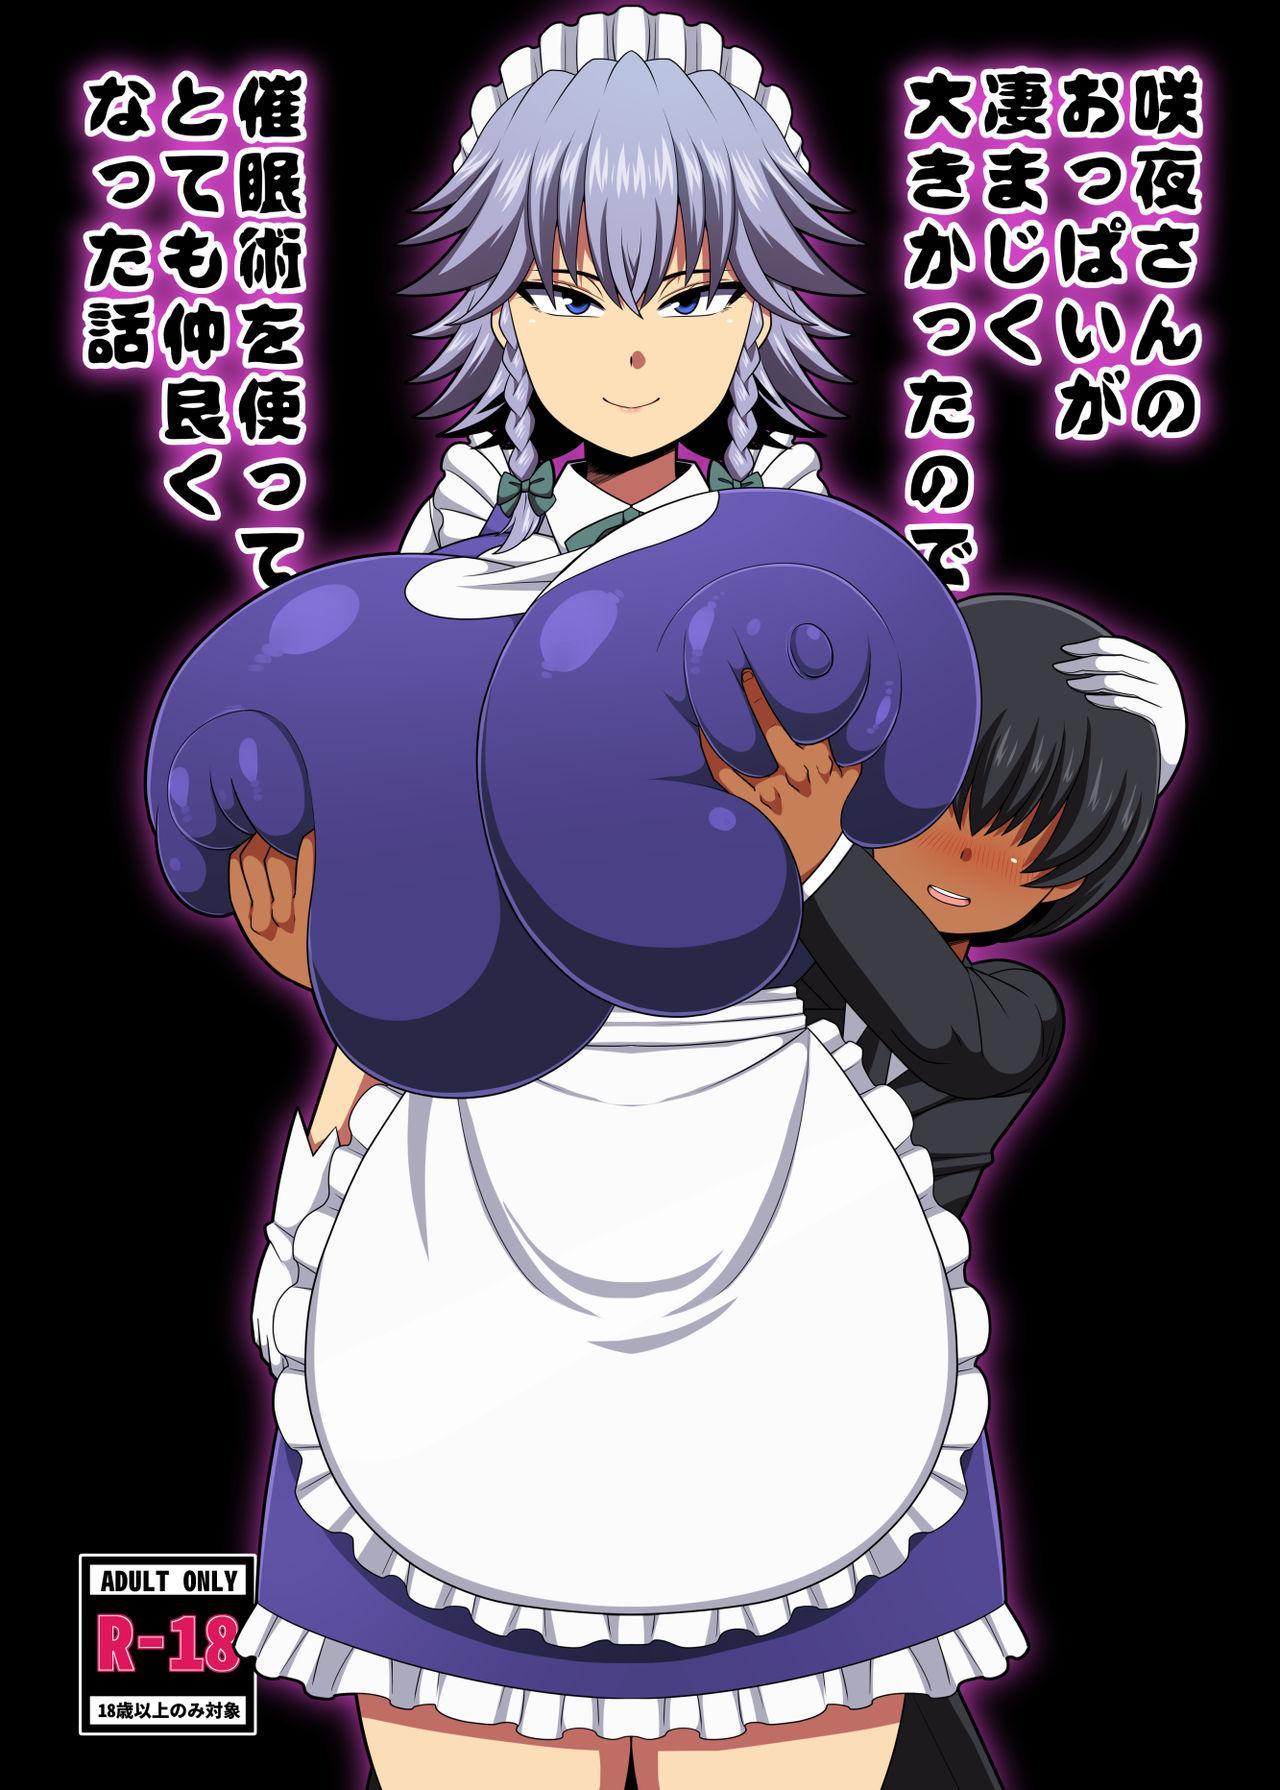 Sakuya-san no Oppai ga Susamajiku Ookikatta no de Saiminjutsu o Tsukatte Totemo Nakayoku Natta Hanashi 0